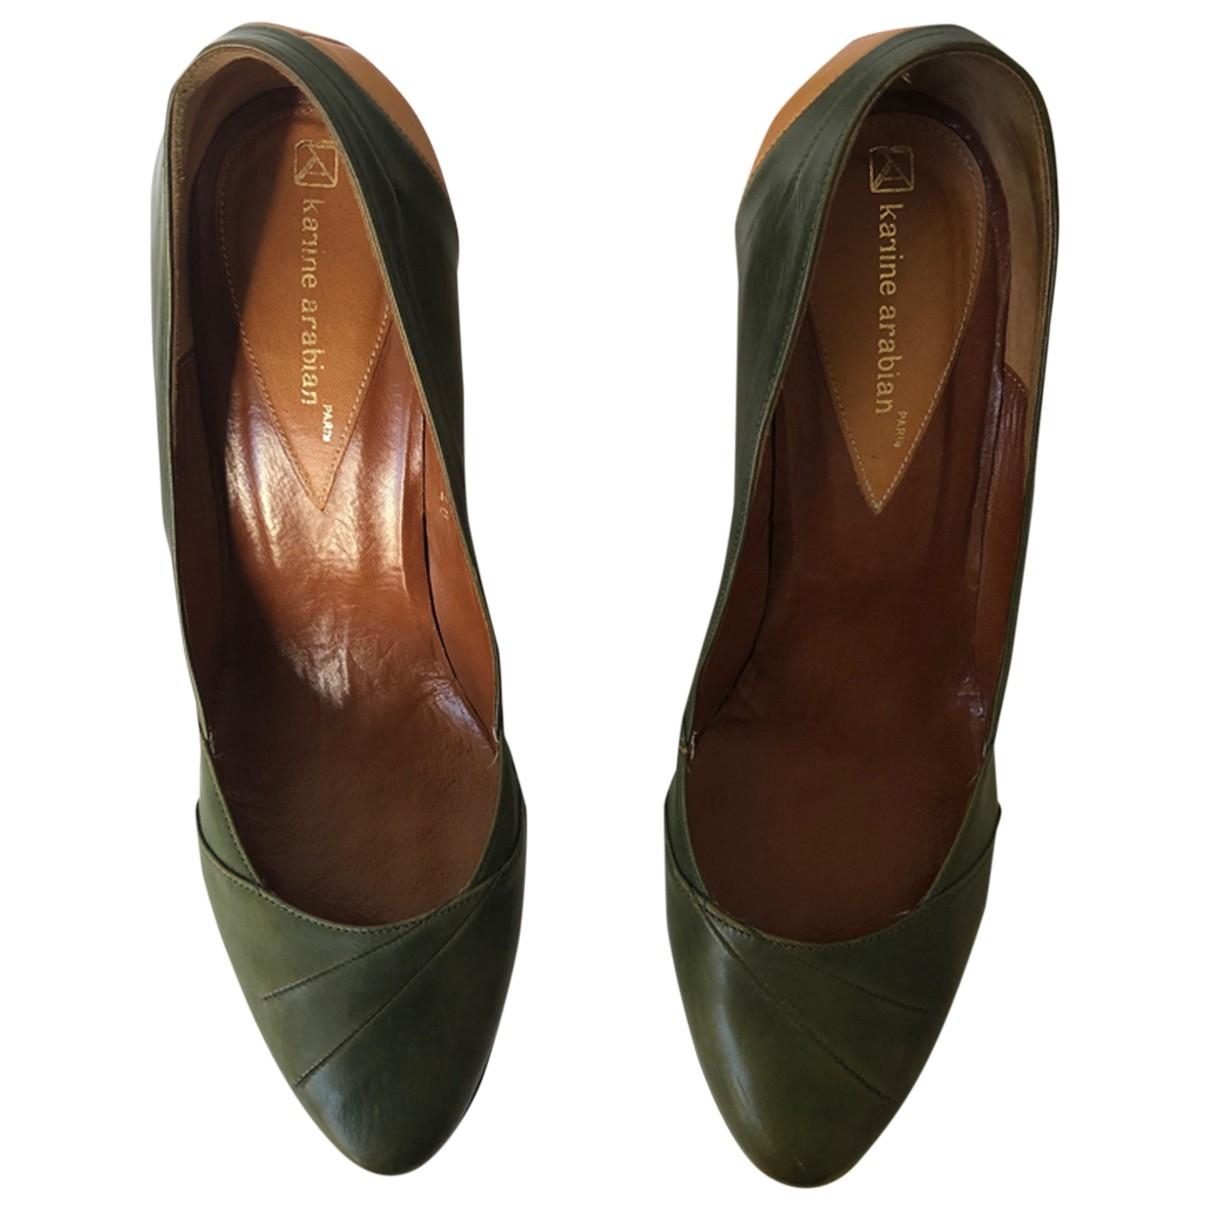 Karine Arabian \N Green Leather Heels for Women 41 EU